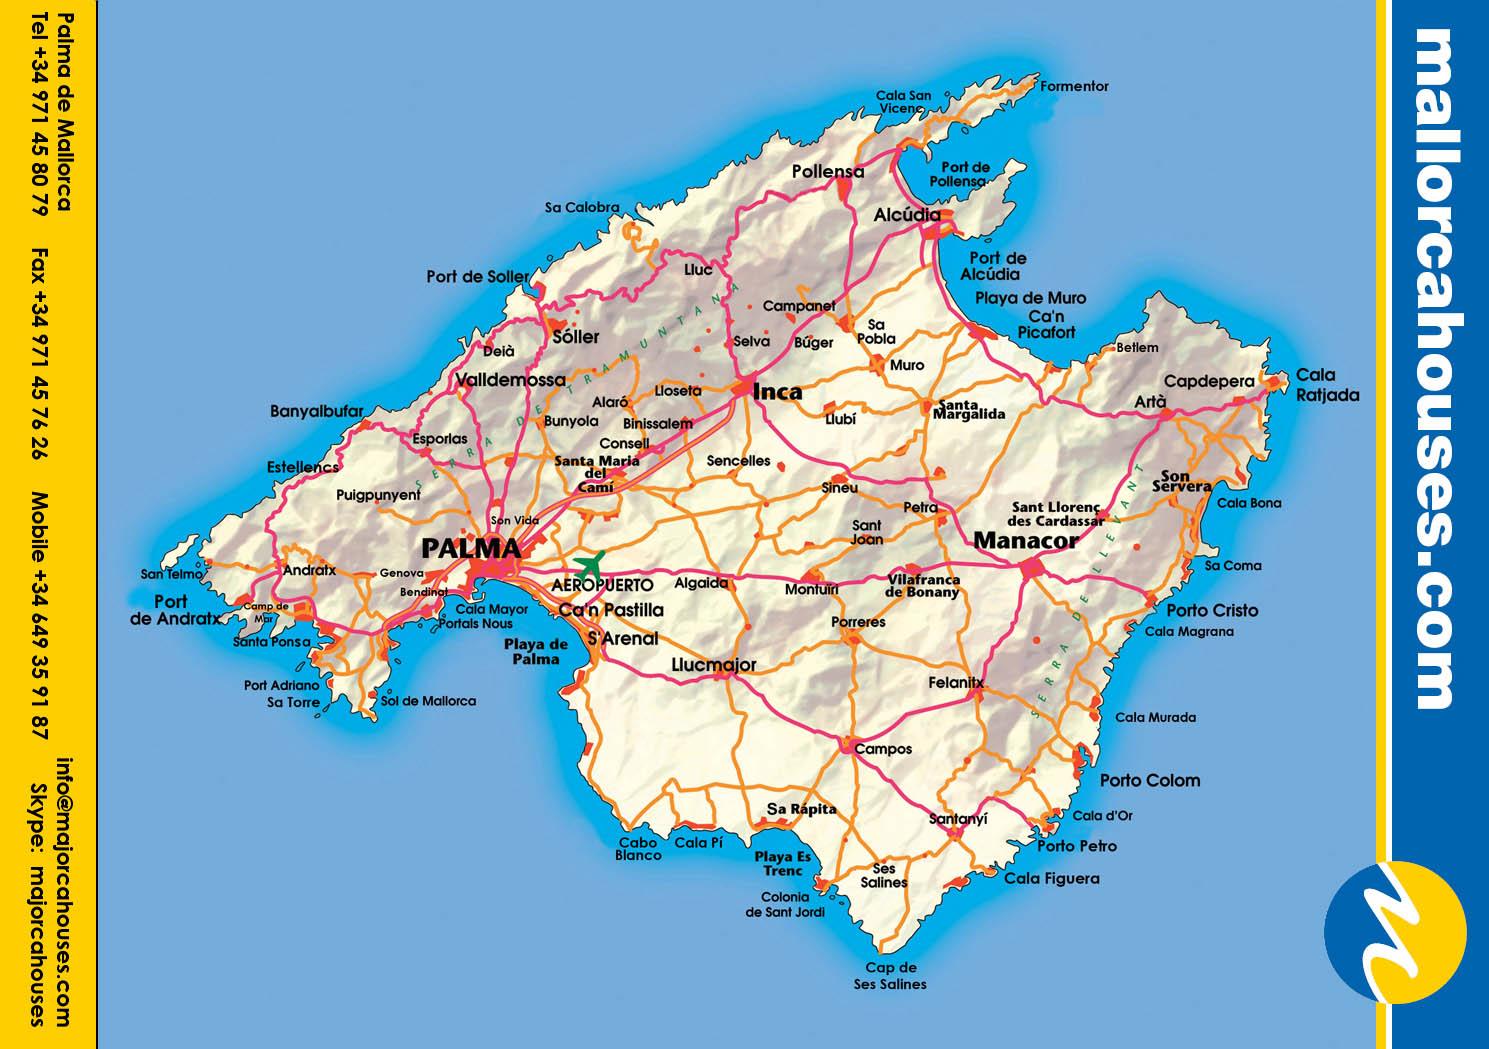 mapa palma maiorca espanha Mapas de Palma   Espanha | MapasBlog mapa palma maiorca espanha